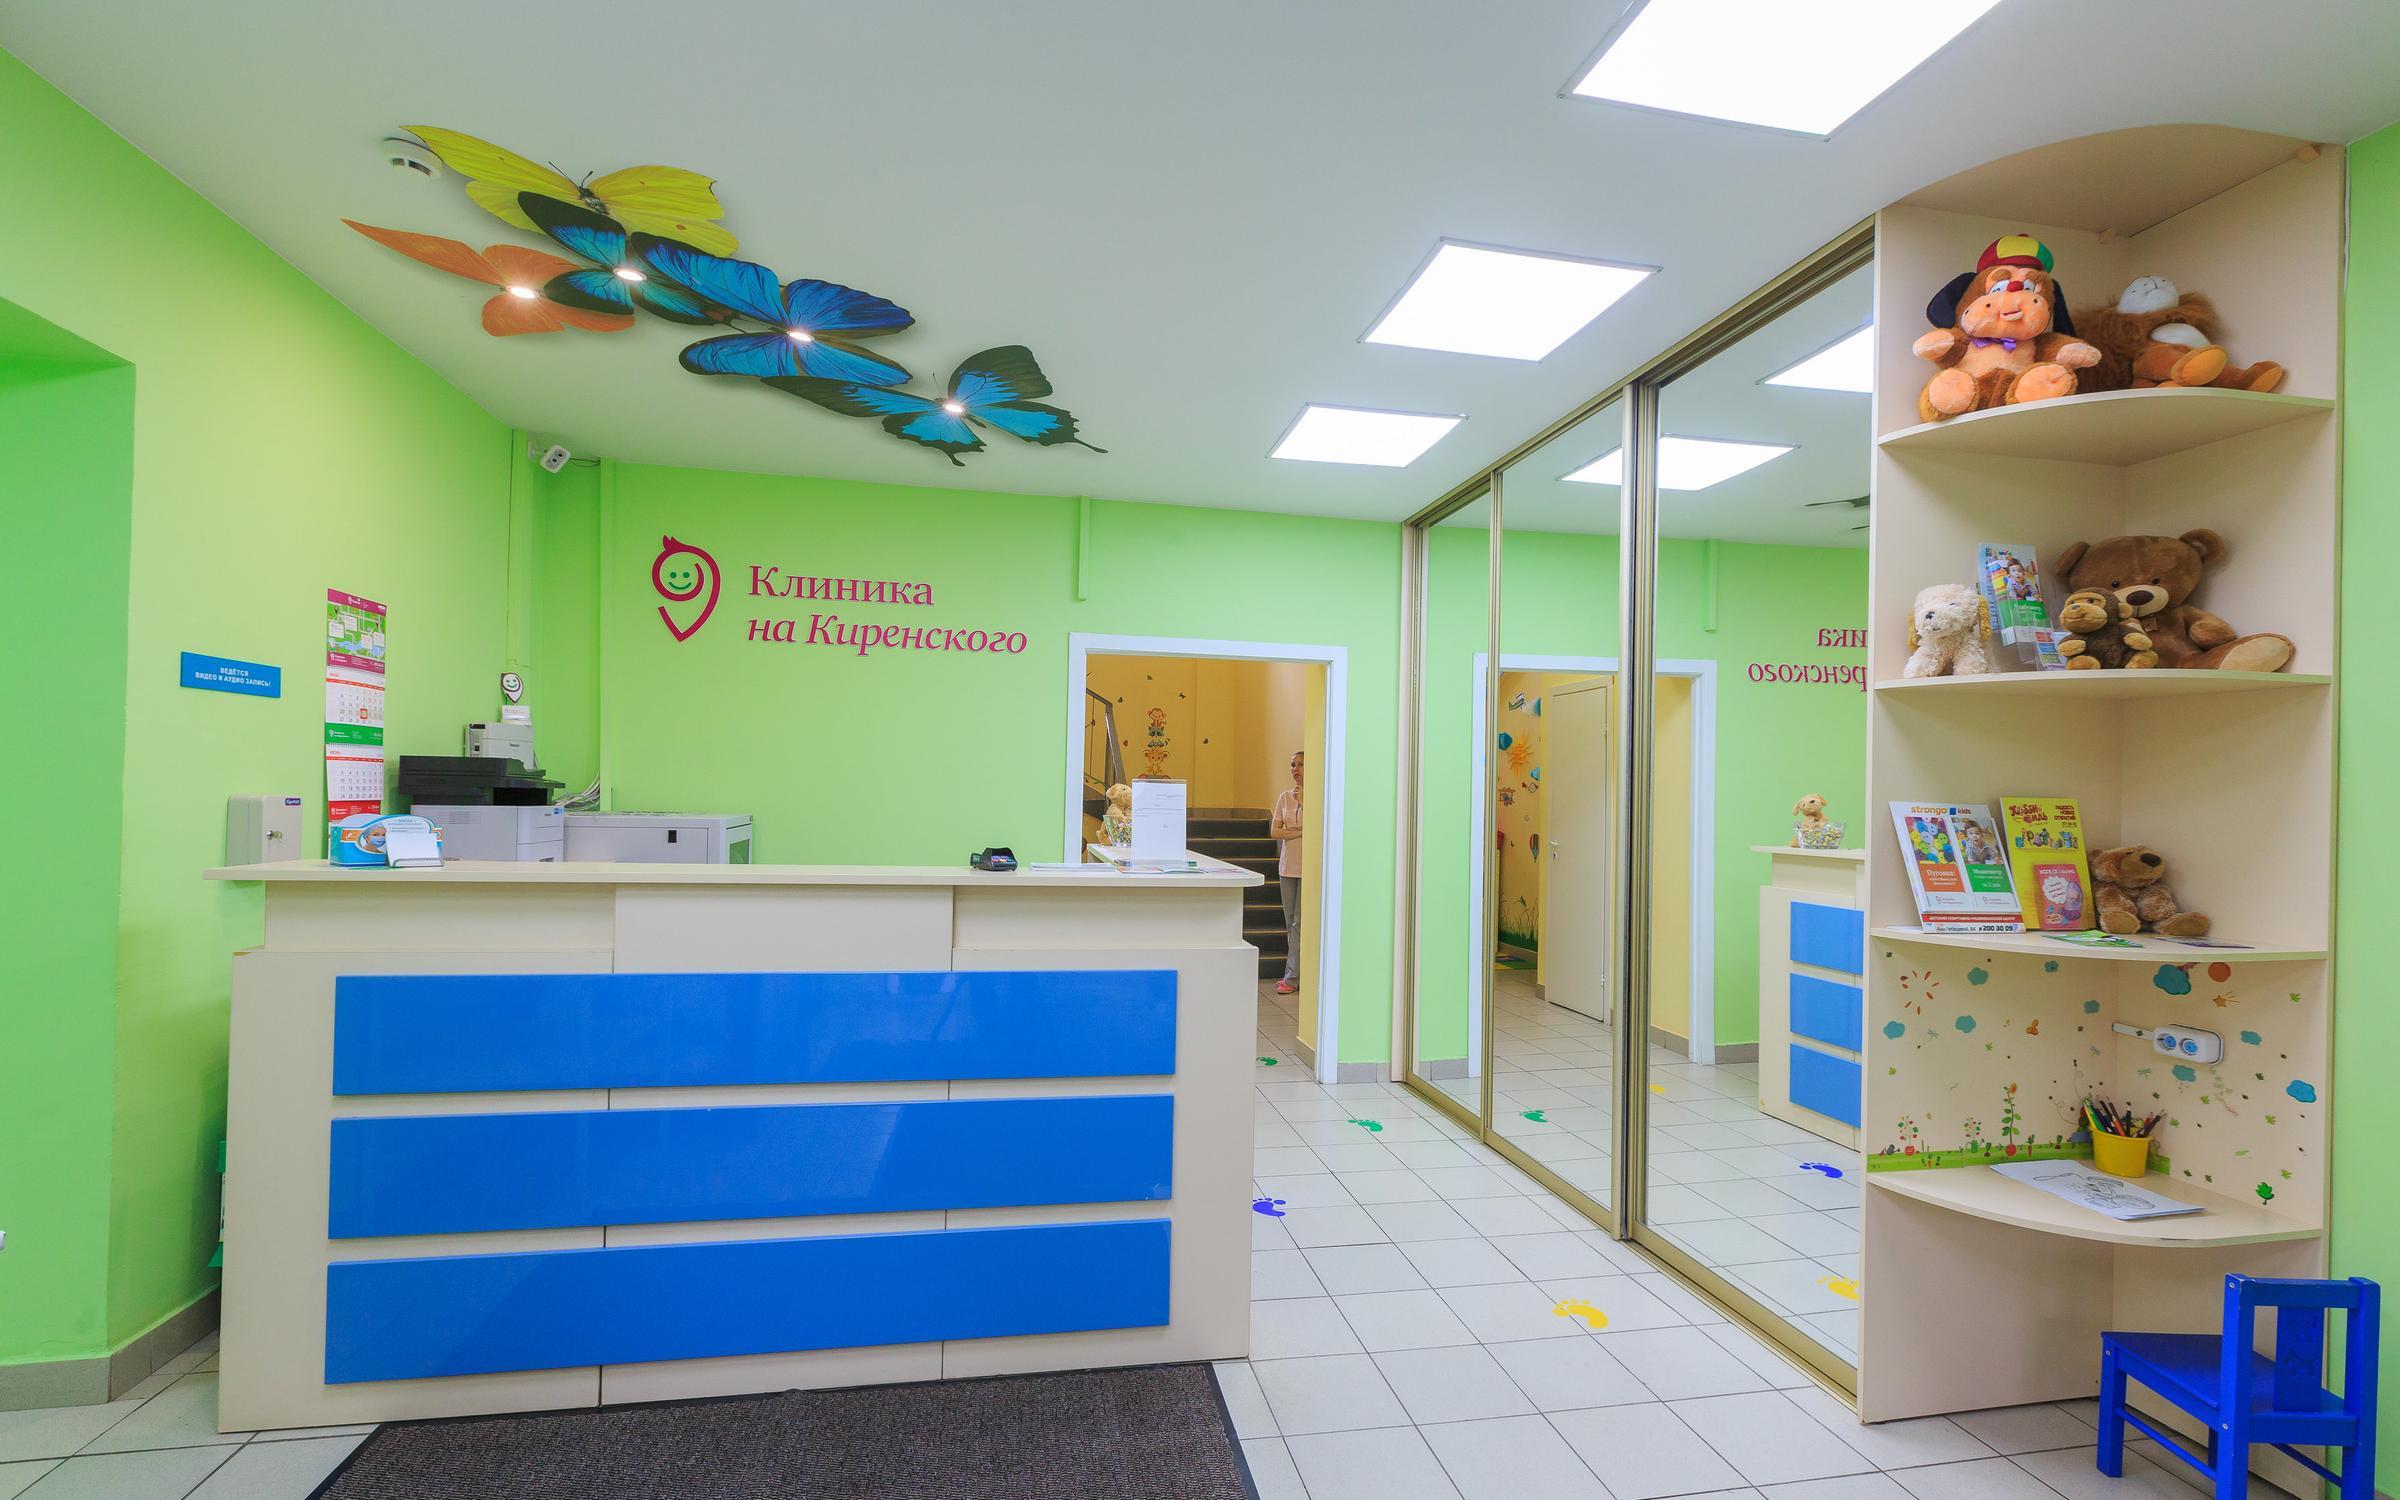 фотография Клиника на Киренского в Октябрьском районе